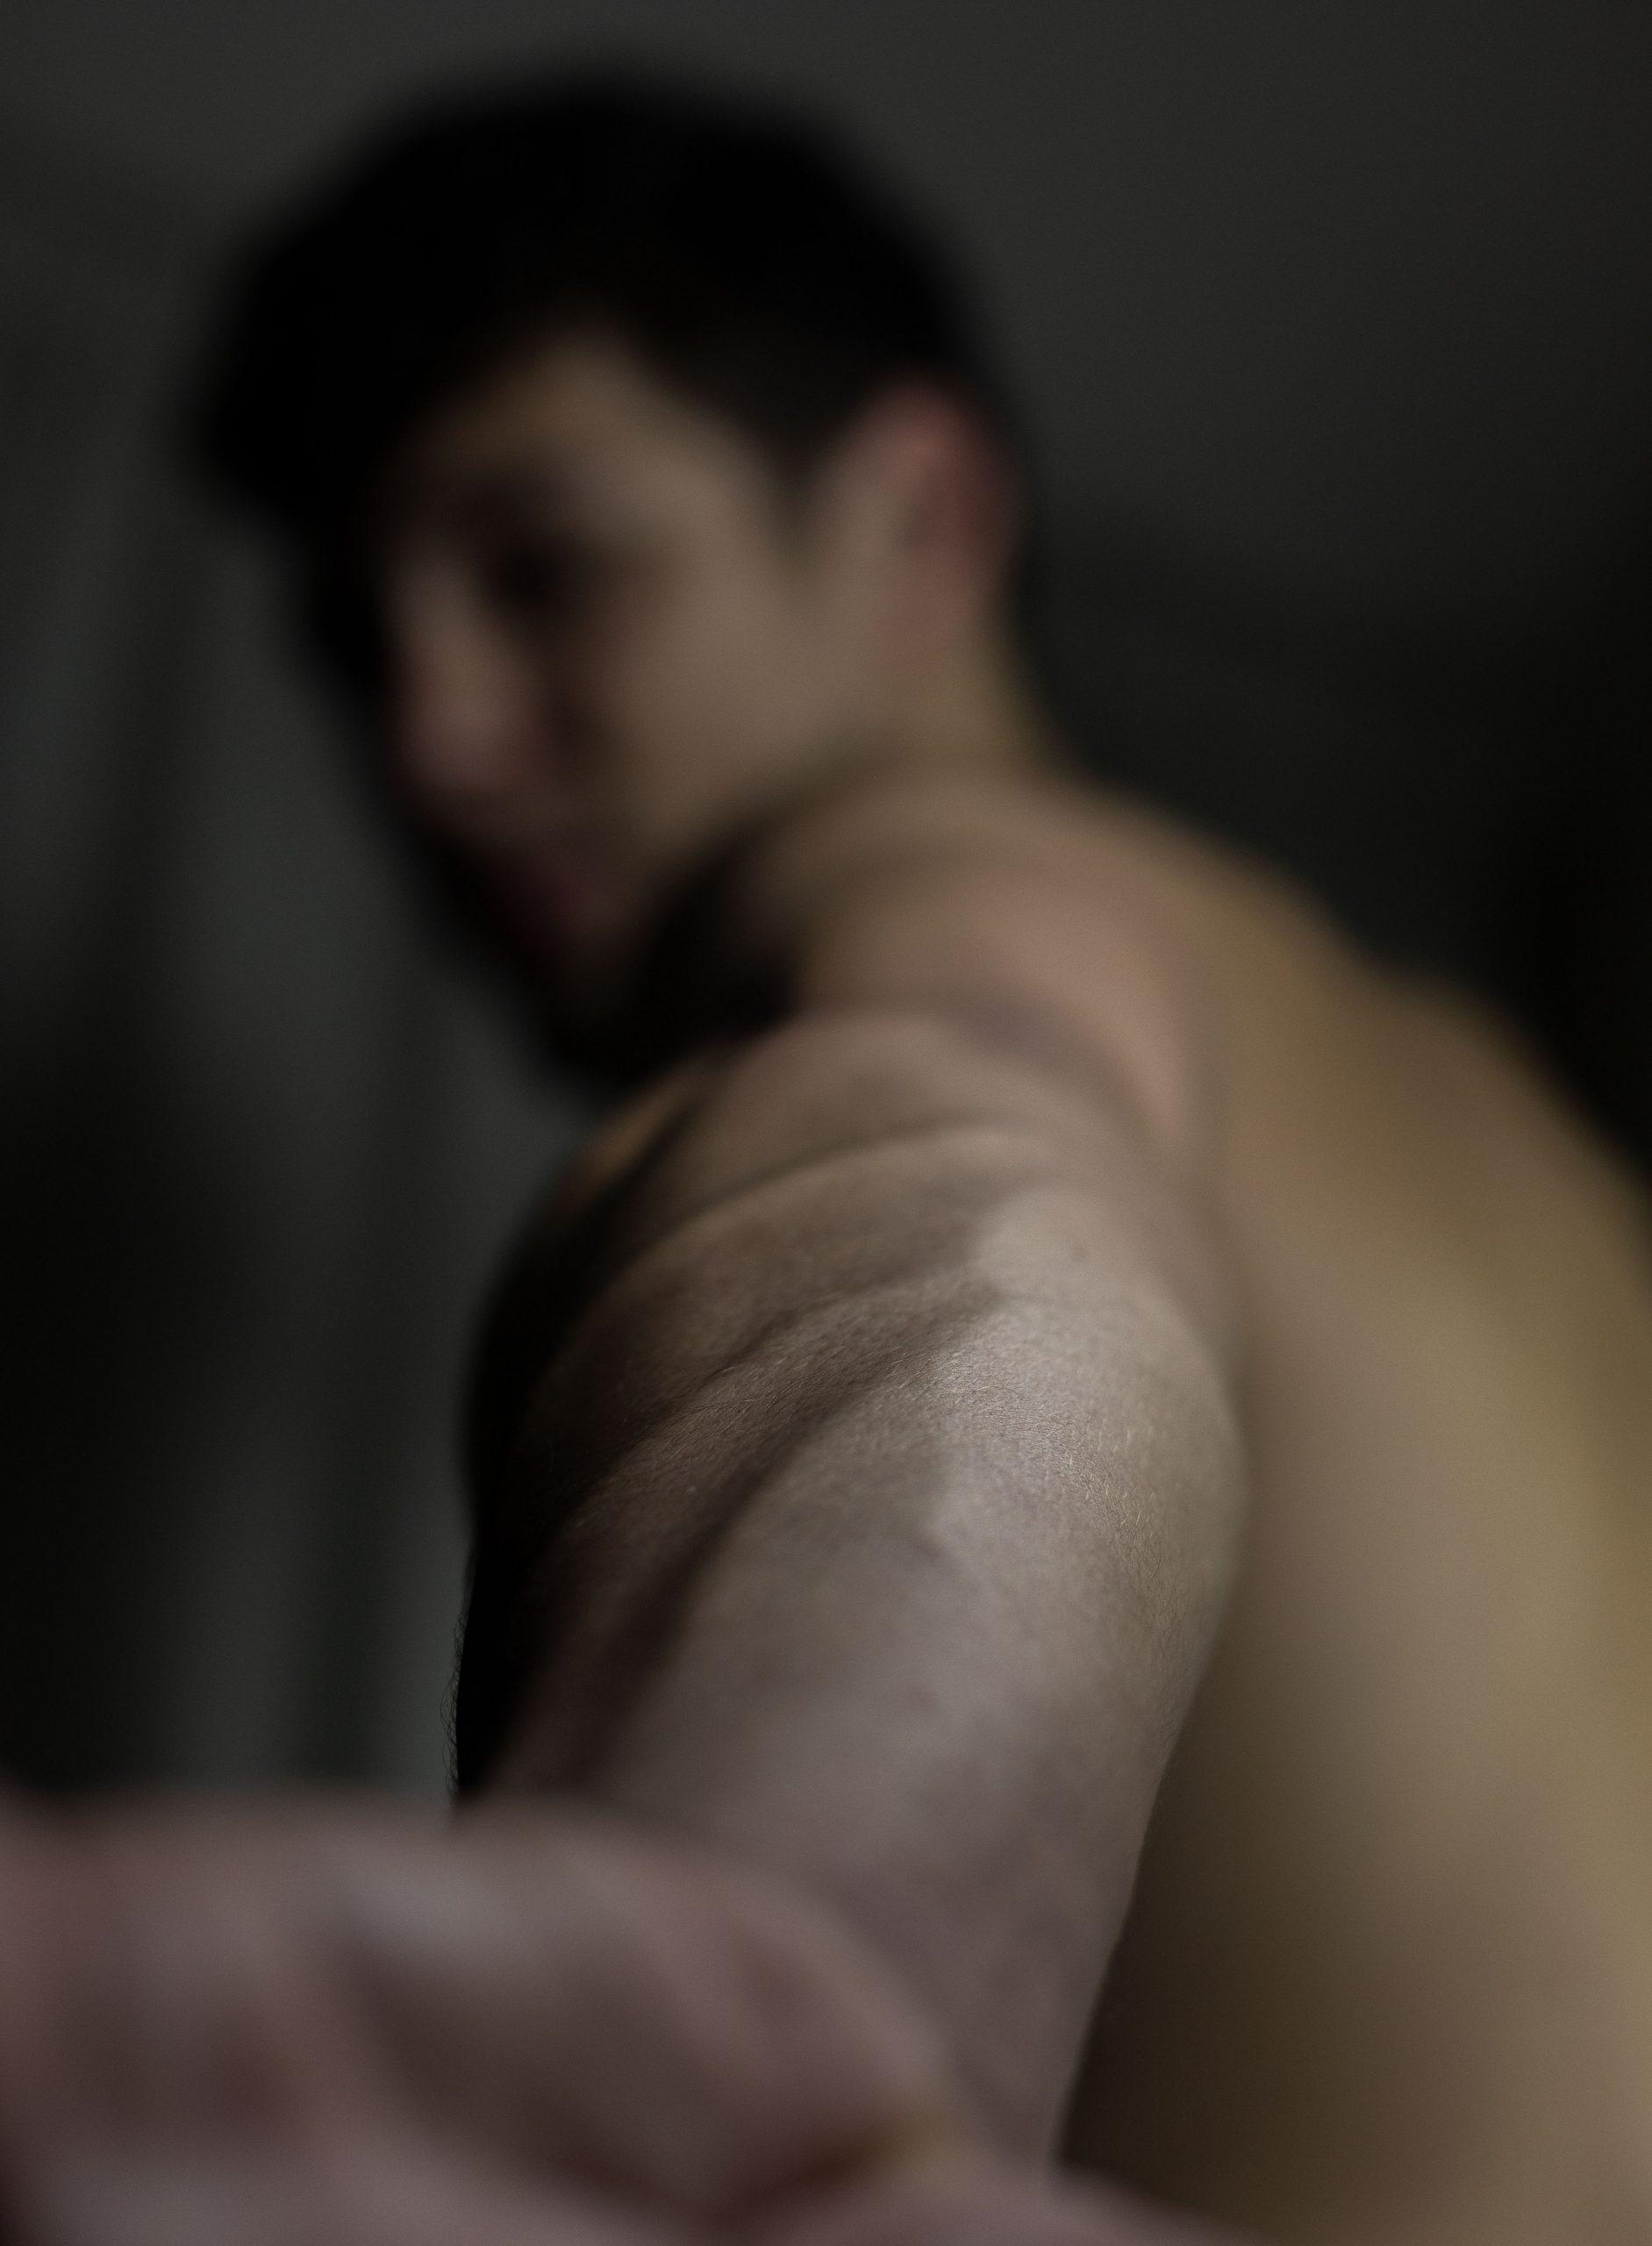 Categoria: Boudoir & Artistic Nude, Glamour, Portrait - Photographer: FRANCESCA CASARO - Model: NICOLÒ CASARO - Location: Padova, PD, Italia